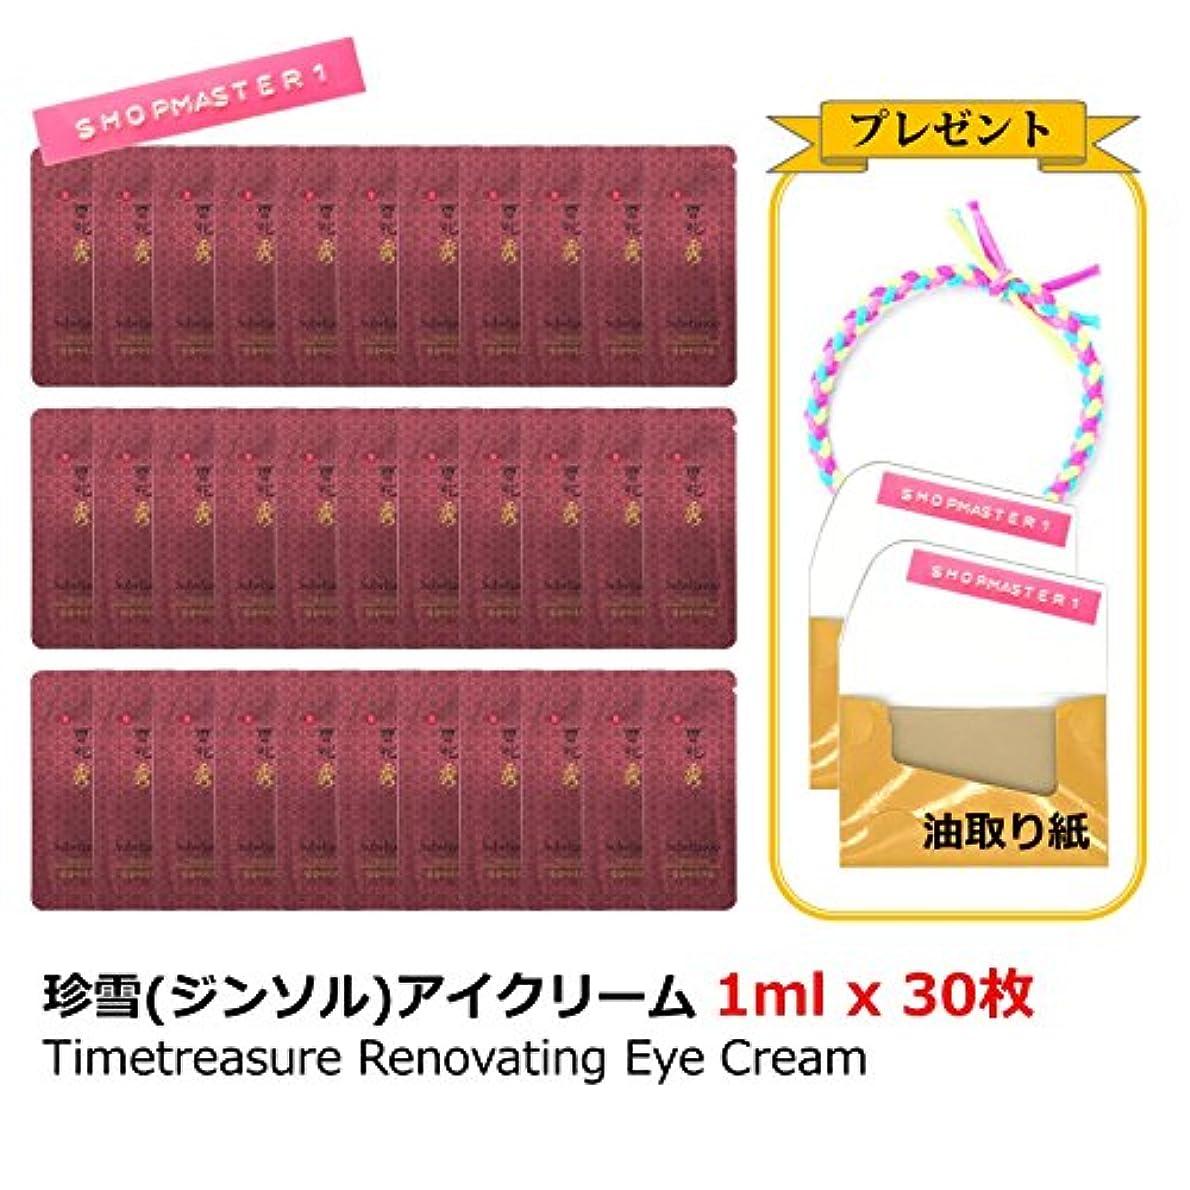 遊具性的避けられない【Sulwhasoo ソルファス】珍雪(ジンソル)アイクリーム 1ml x 30枚 Timetreasure Renovating Eye Cream / プレゼント 油取り紙 2個(25枚ずつ)、ヘアタイ / 海外直配送 [並行輸入品]